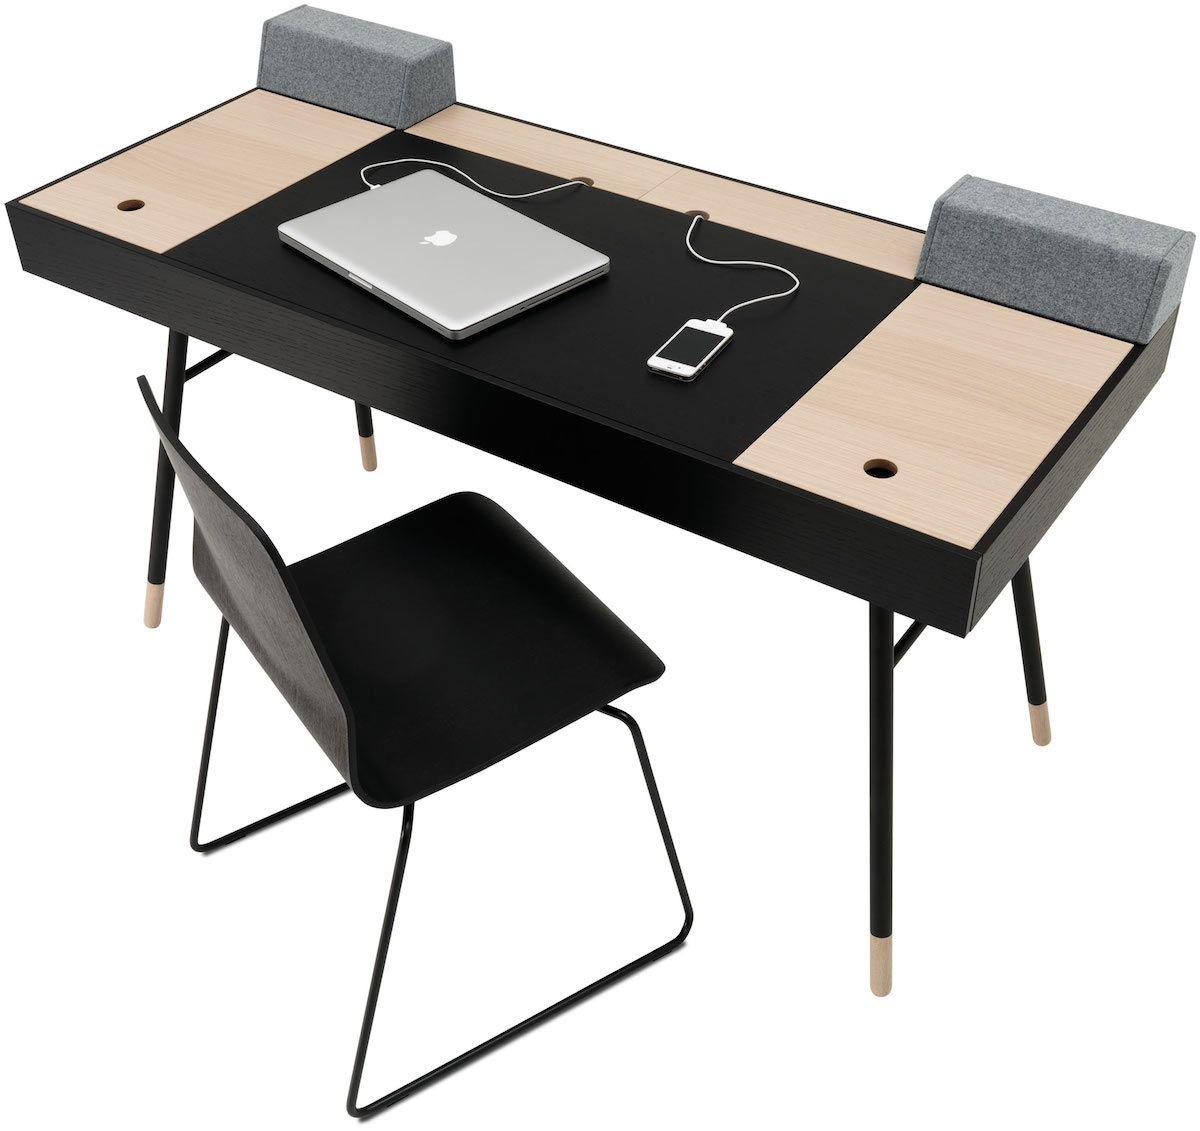 minimal design blog design schreibtisch schreibtische und m bel. Black Bedroom Furniture Sets. Home Design Ideas